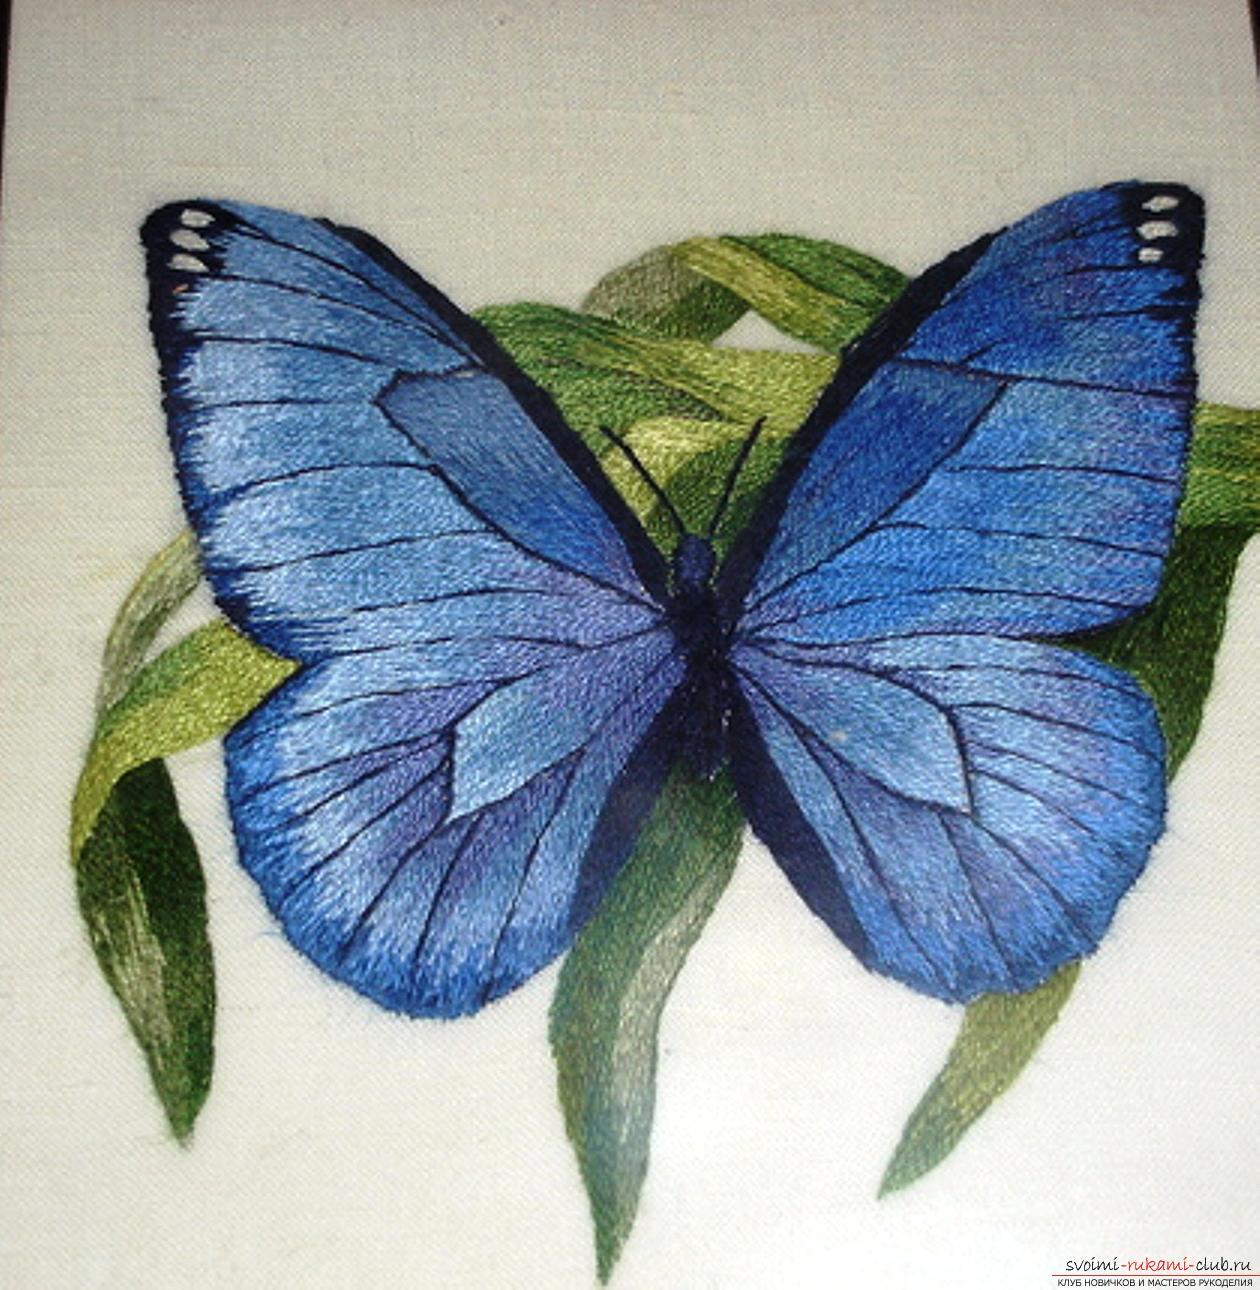 Схемы вышивки гладью бабочки. Фото №1